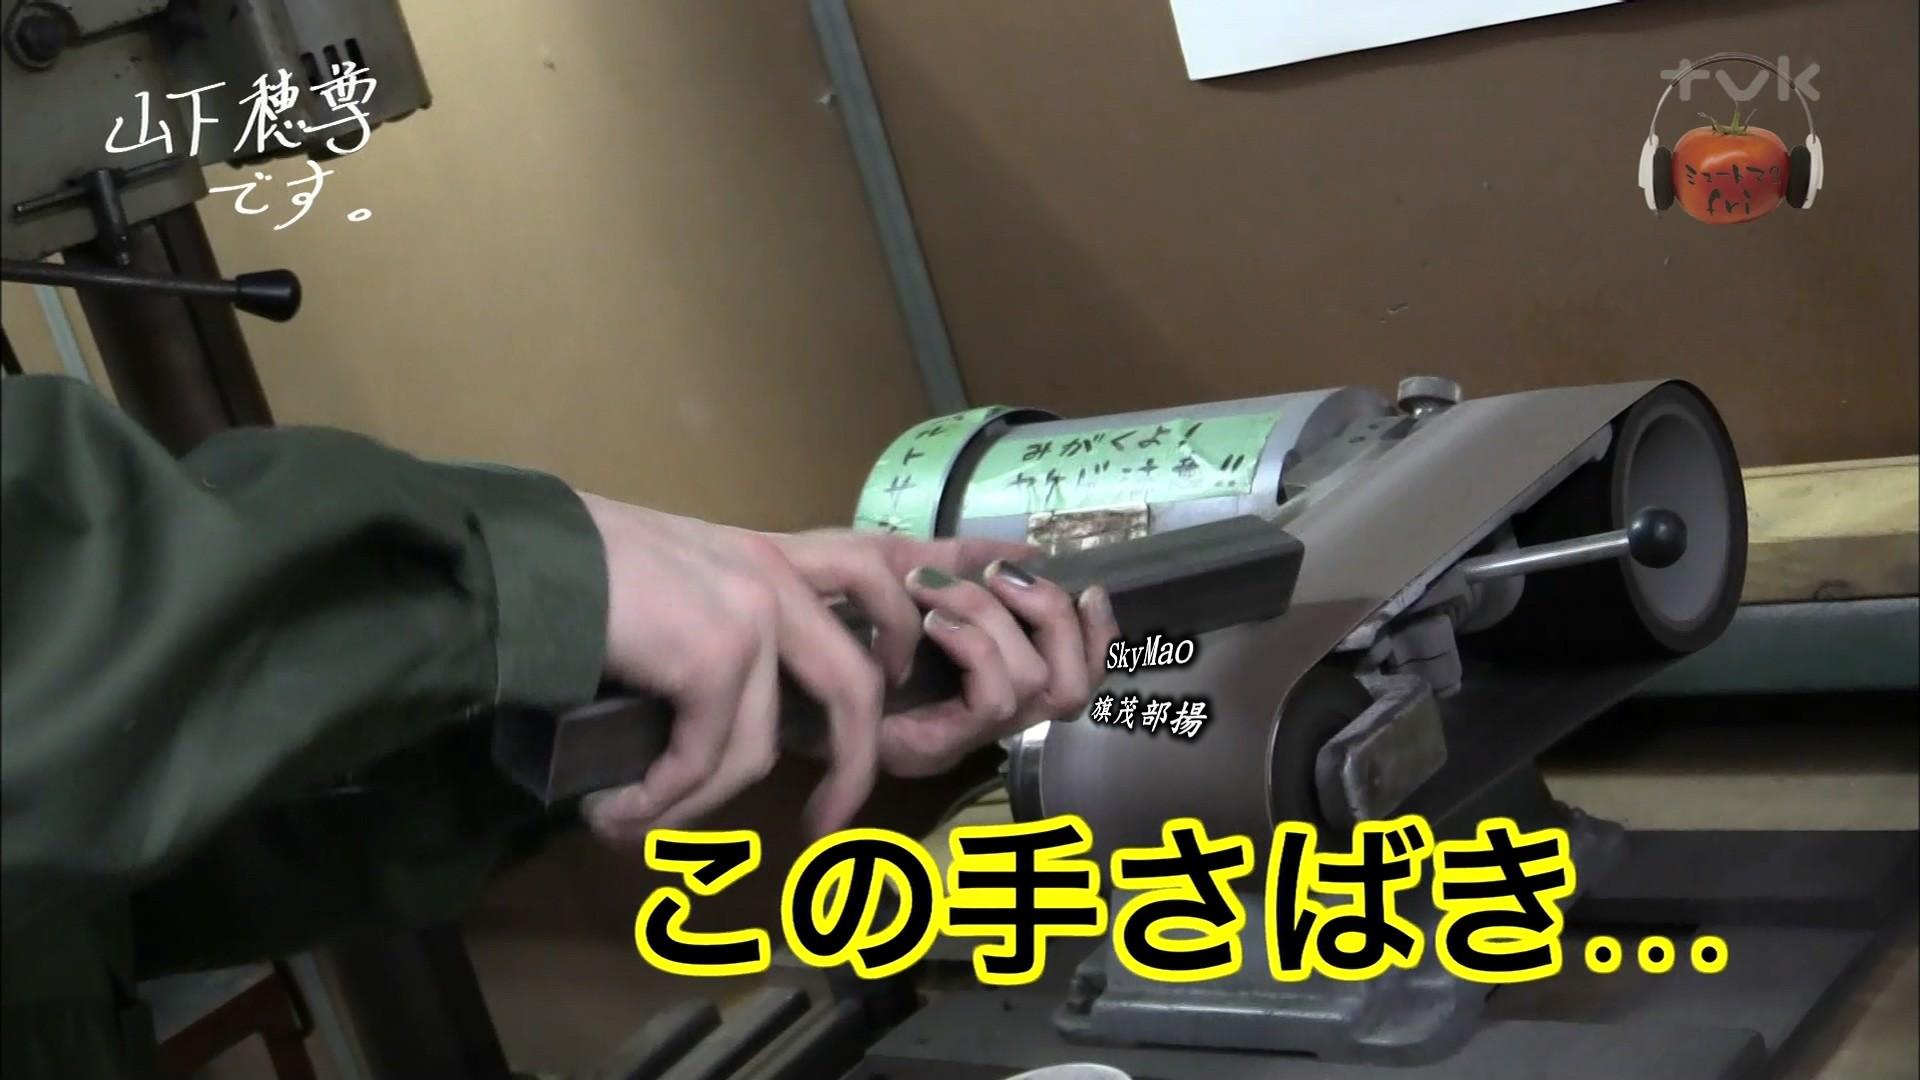 2017.06.16 全場(ミュートマ2).ts_20170617_000722.041